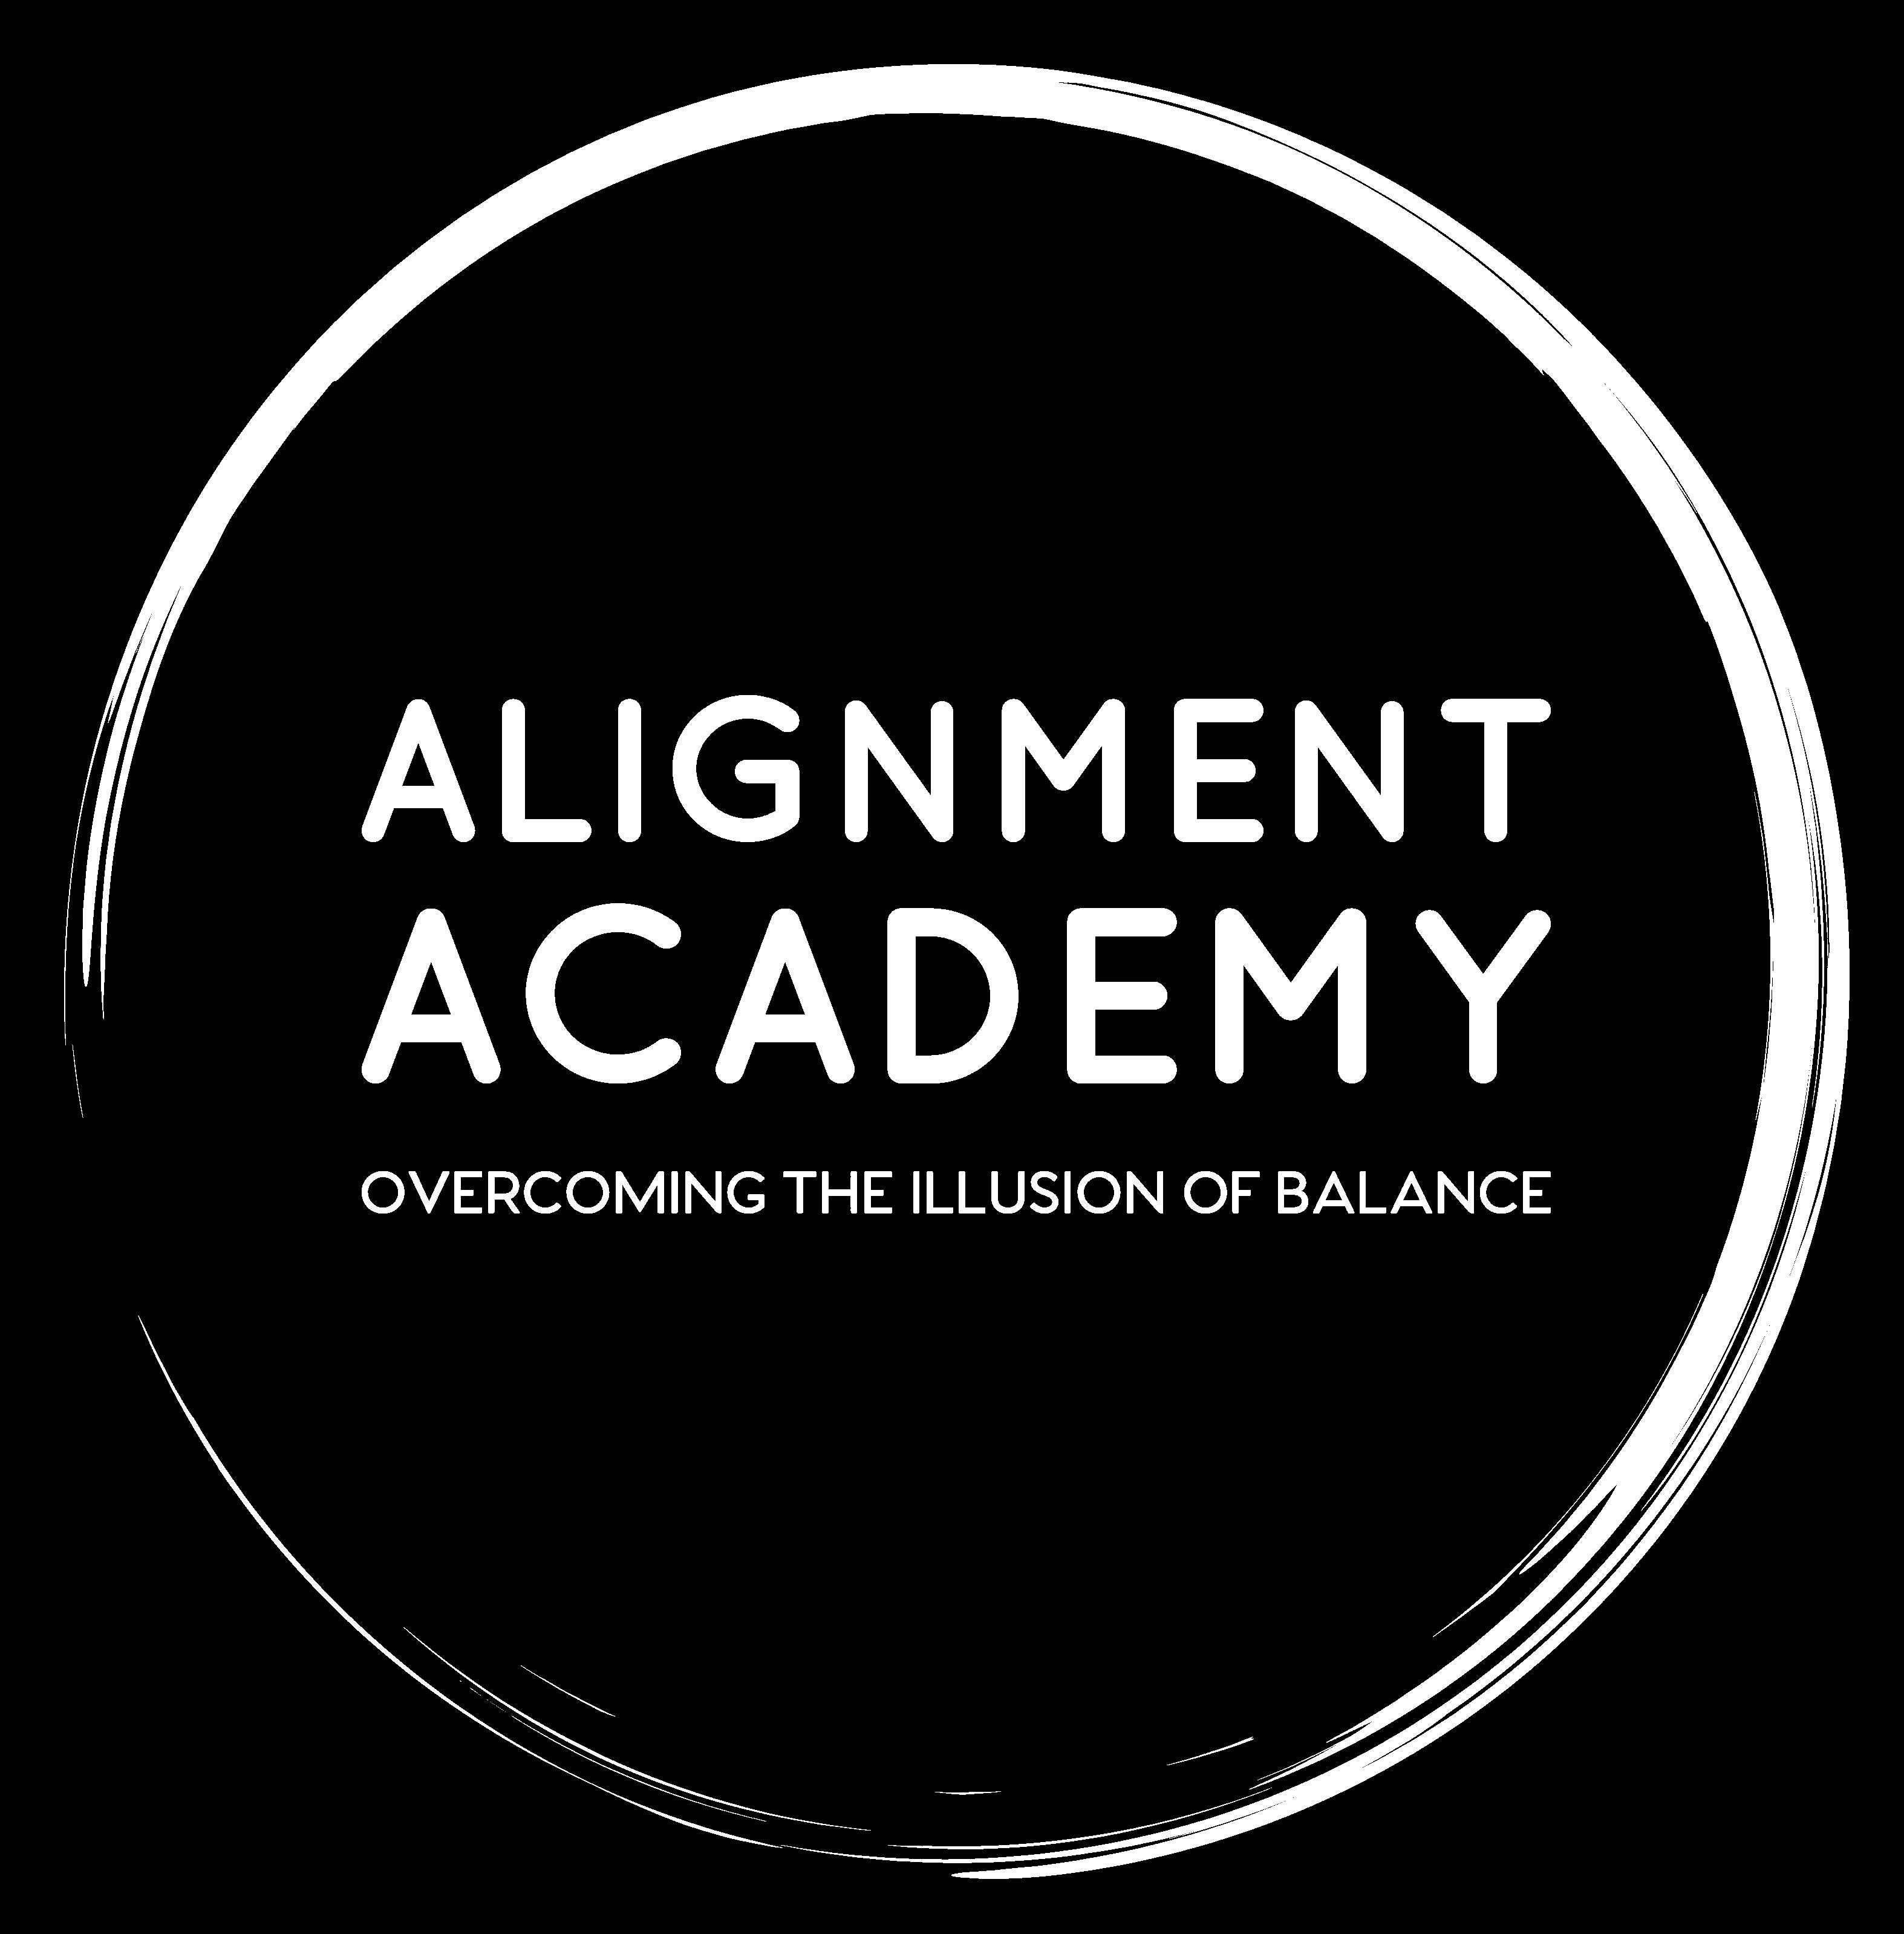 Alignment Academy